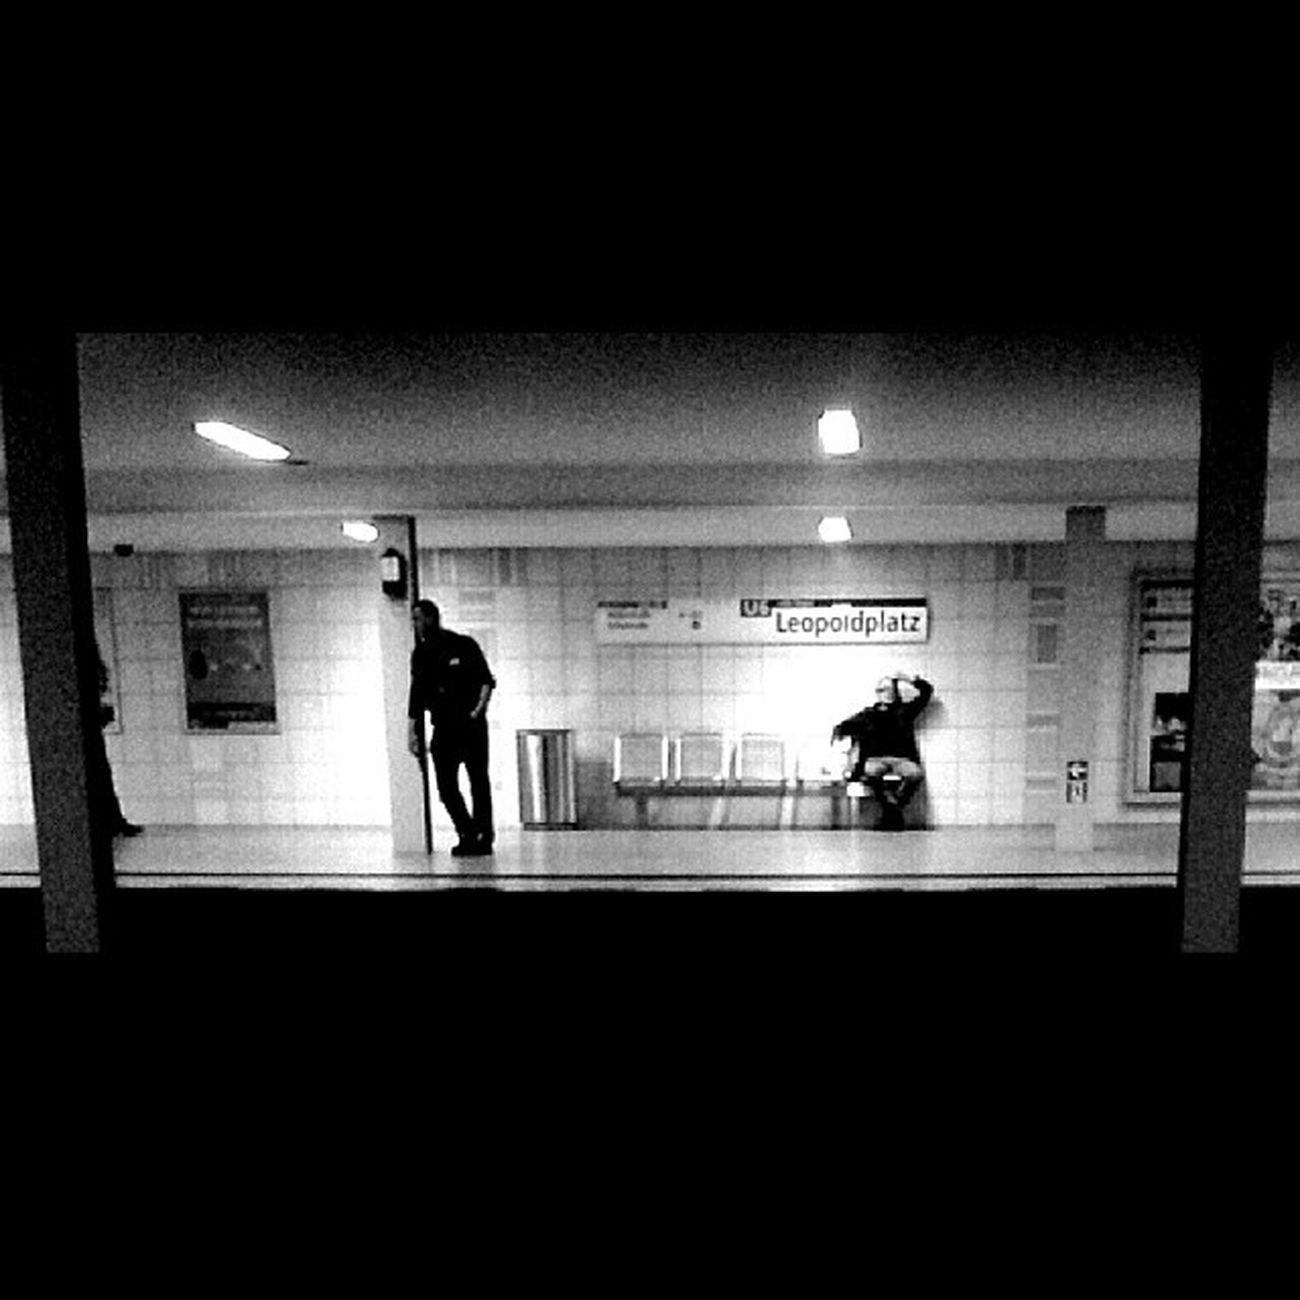 Berliner Untergrund Underground U-Bahn Leopoldplatz U6 Schwarz & Weiß Blackandwhite Black & White Wedding